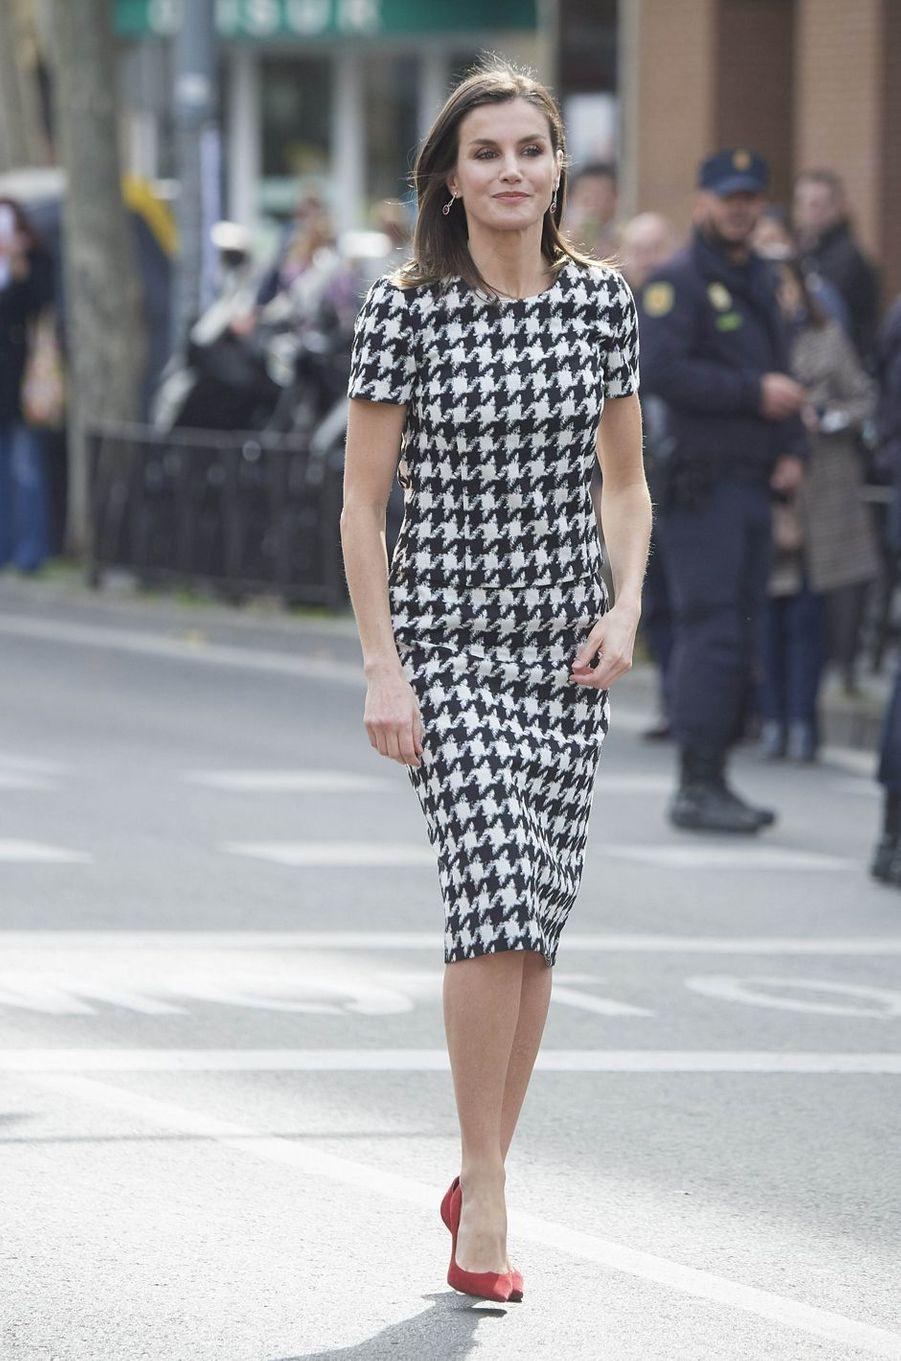 La reine Letizia d'Espagne en imprimé pied-de-coq, le 18 février 2019 à Cordoue